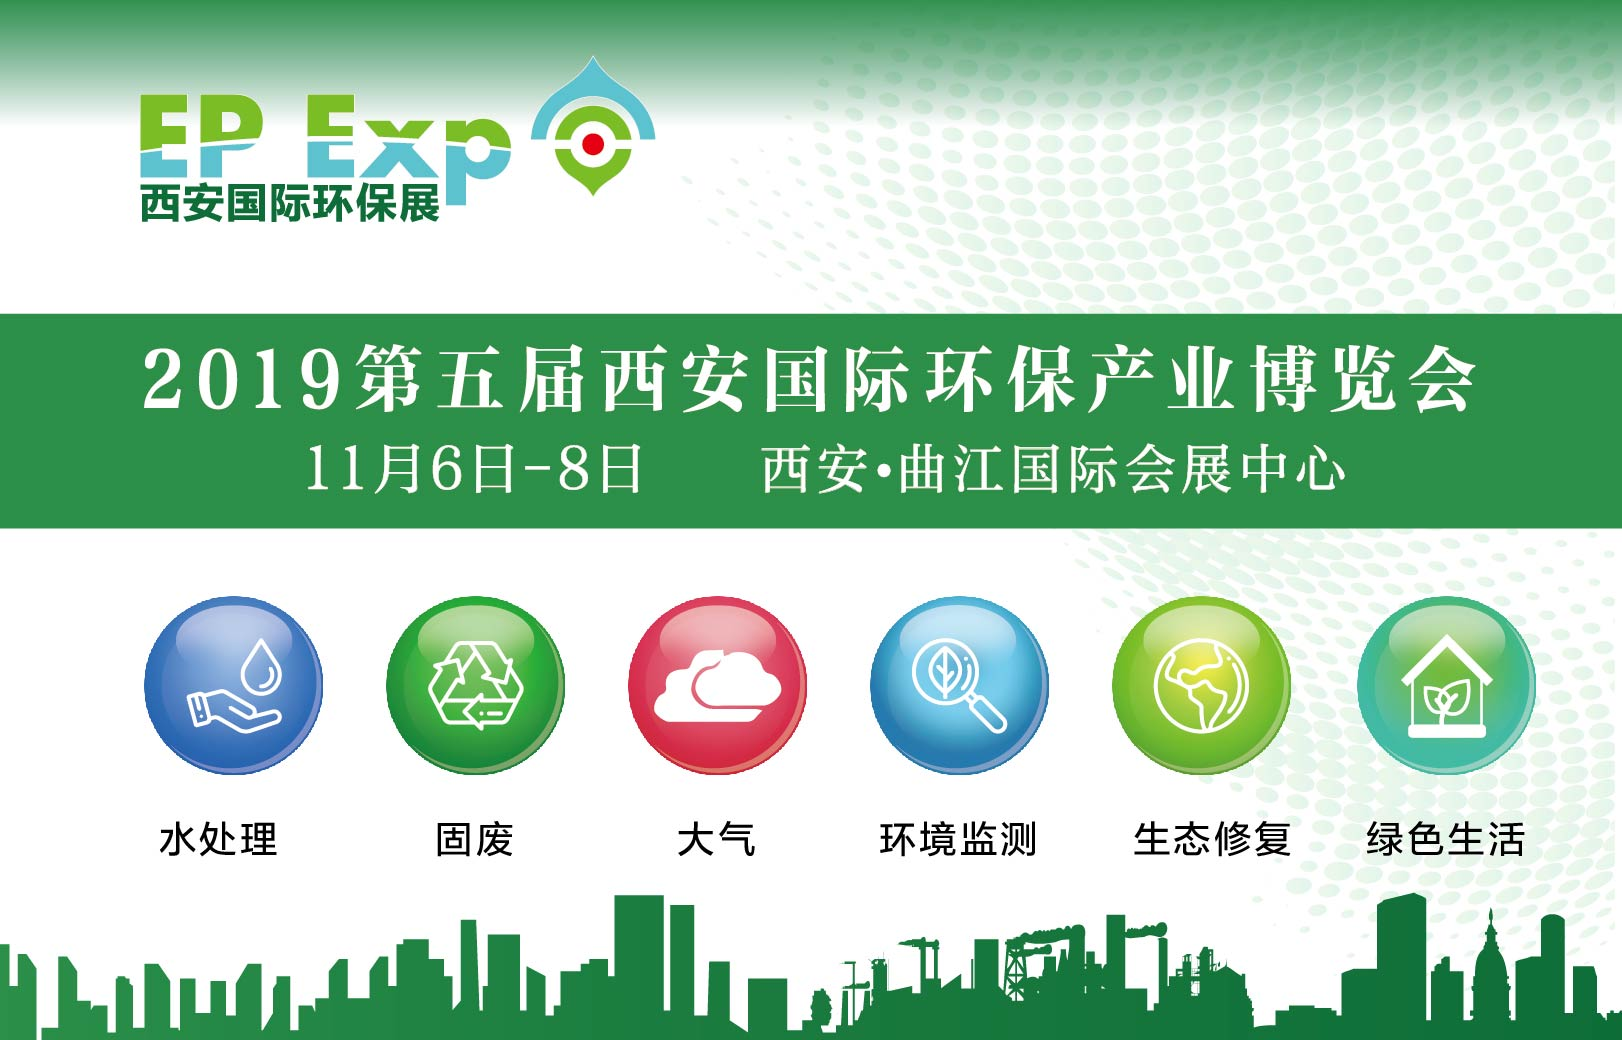 竞技宝国际环保展—打造国际化、专业化、创新性环保盛会